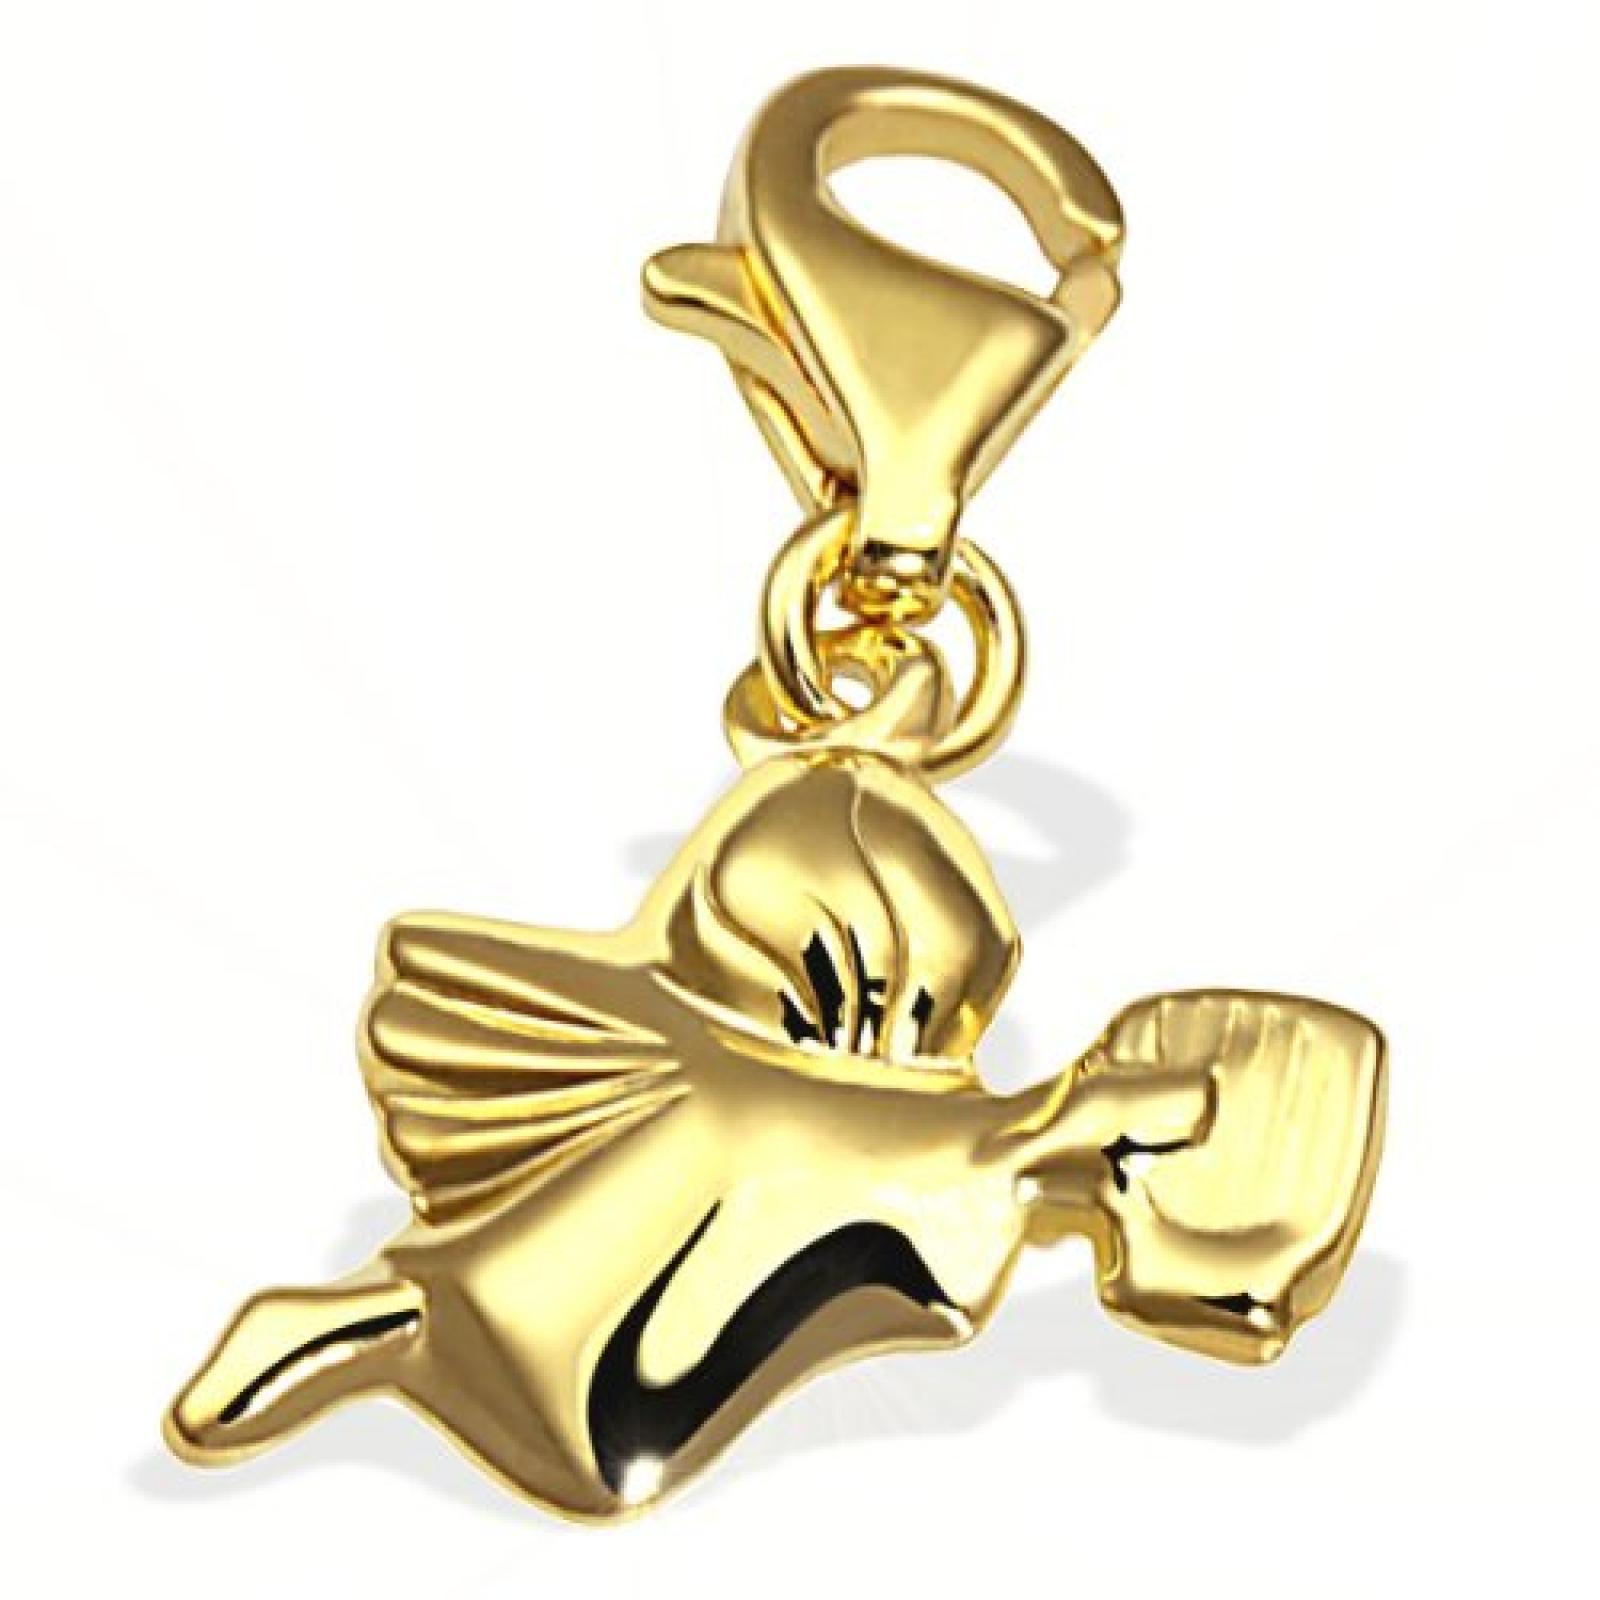 Goldmaid Damen-Charm Engel 333 Gelbgold Gch A4155GG